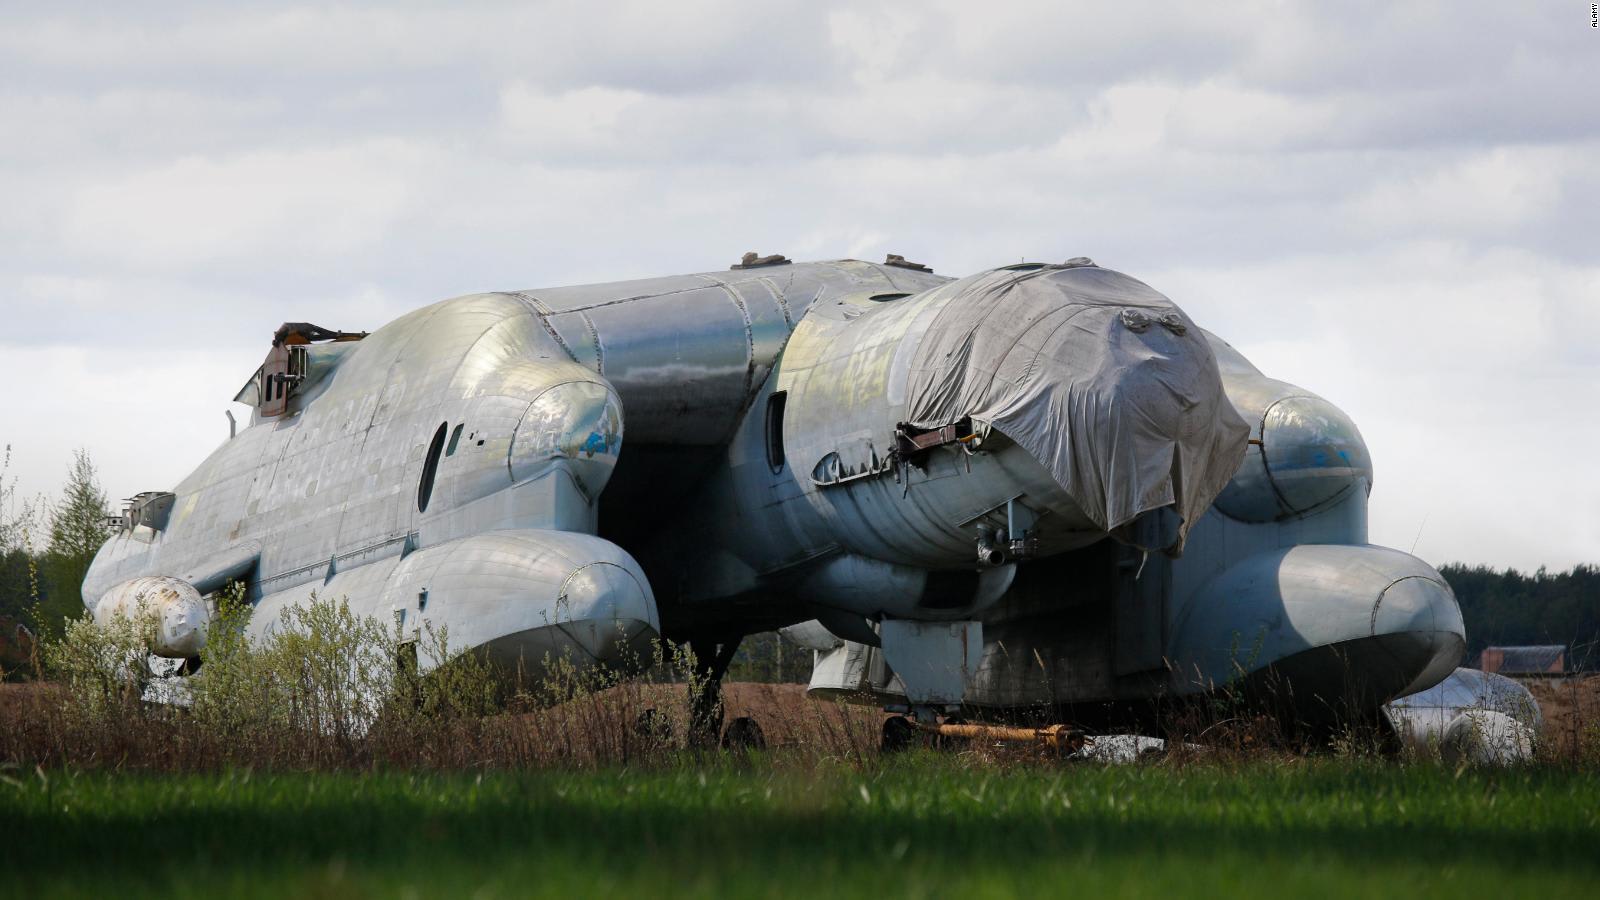 تشبه تنين أسطوري من الحكايات الروسية.. ما قصة هذه الطائرة السوفييتية؟